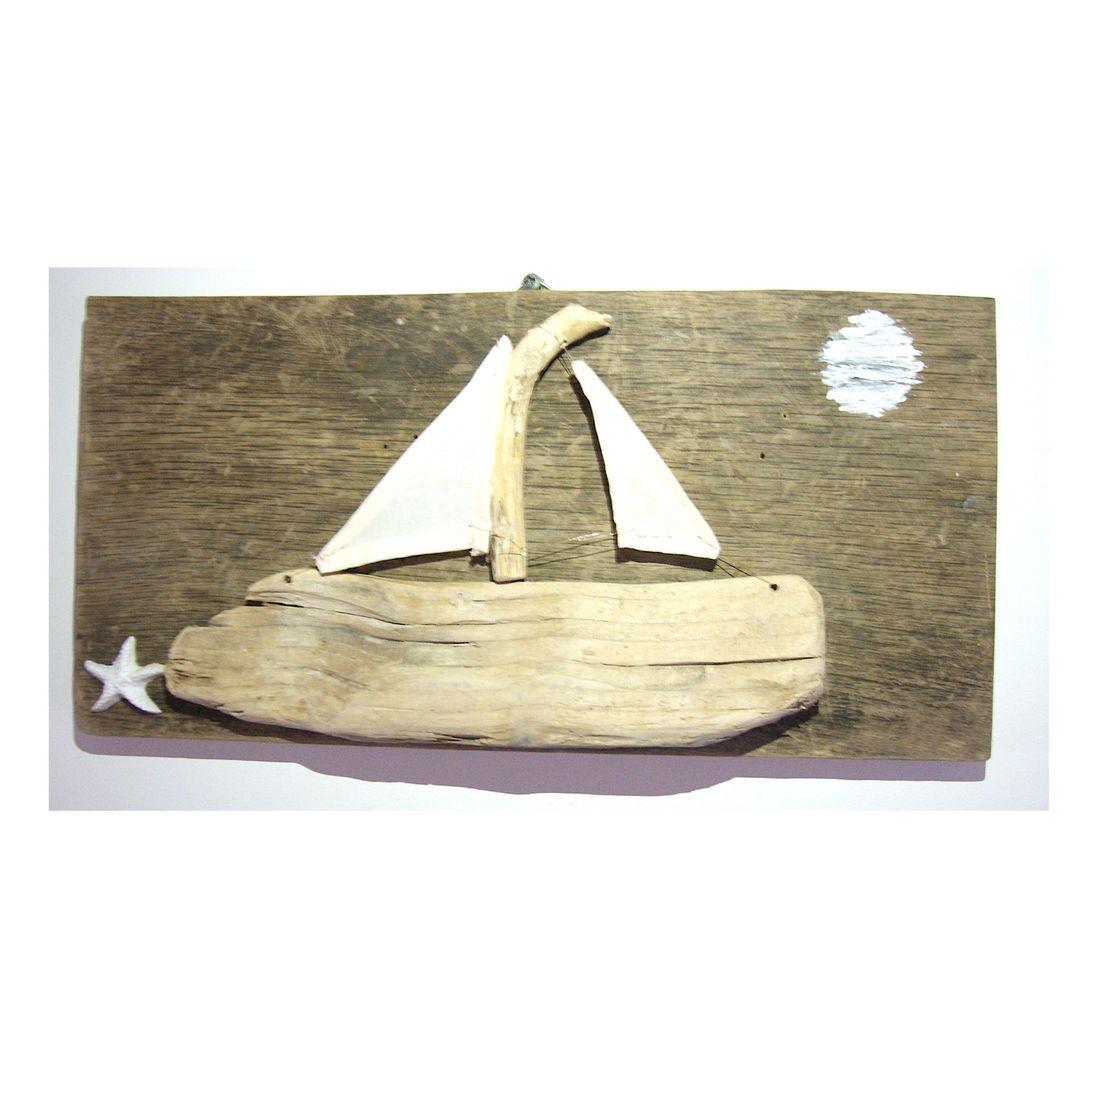 Driftwood boat 3